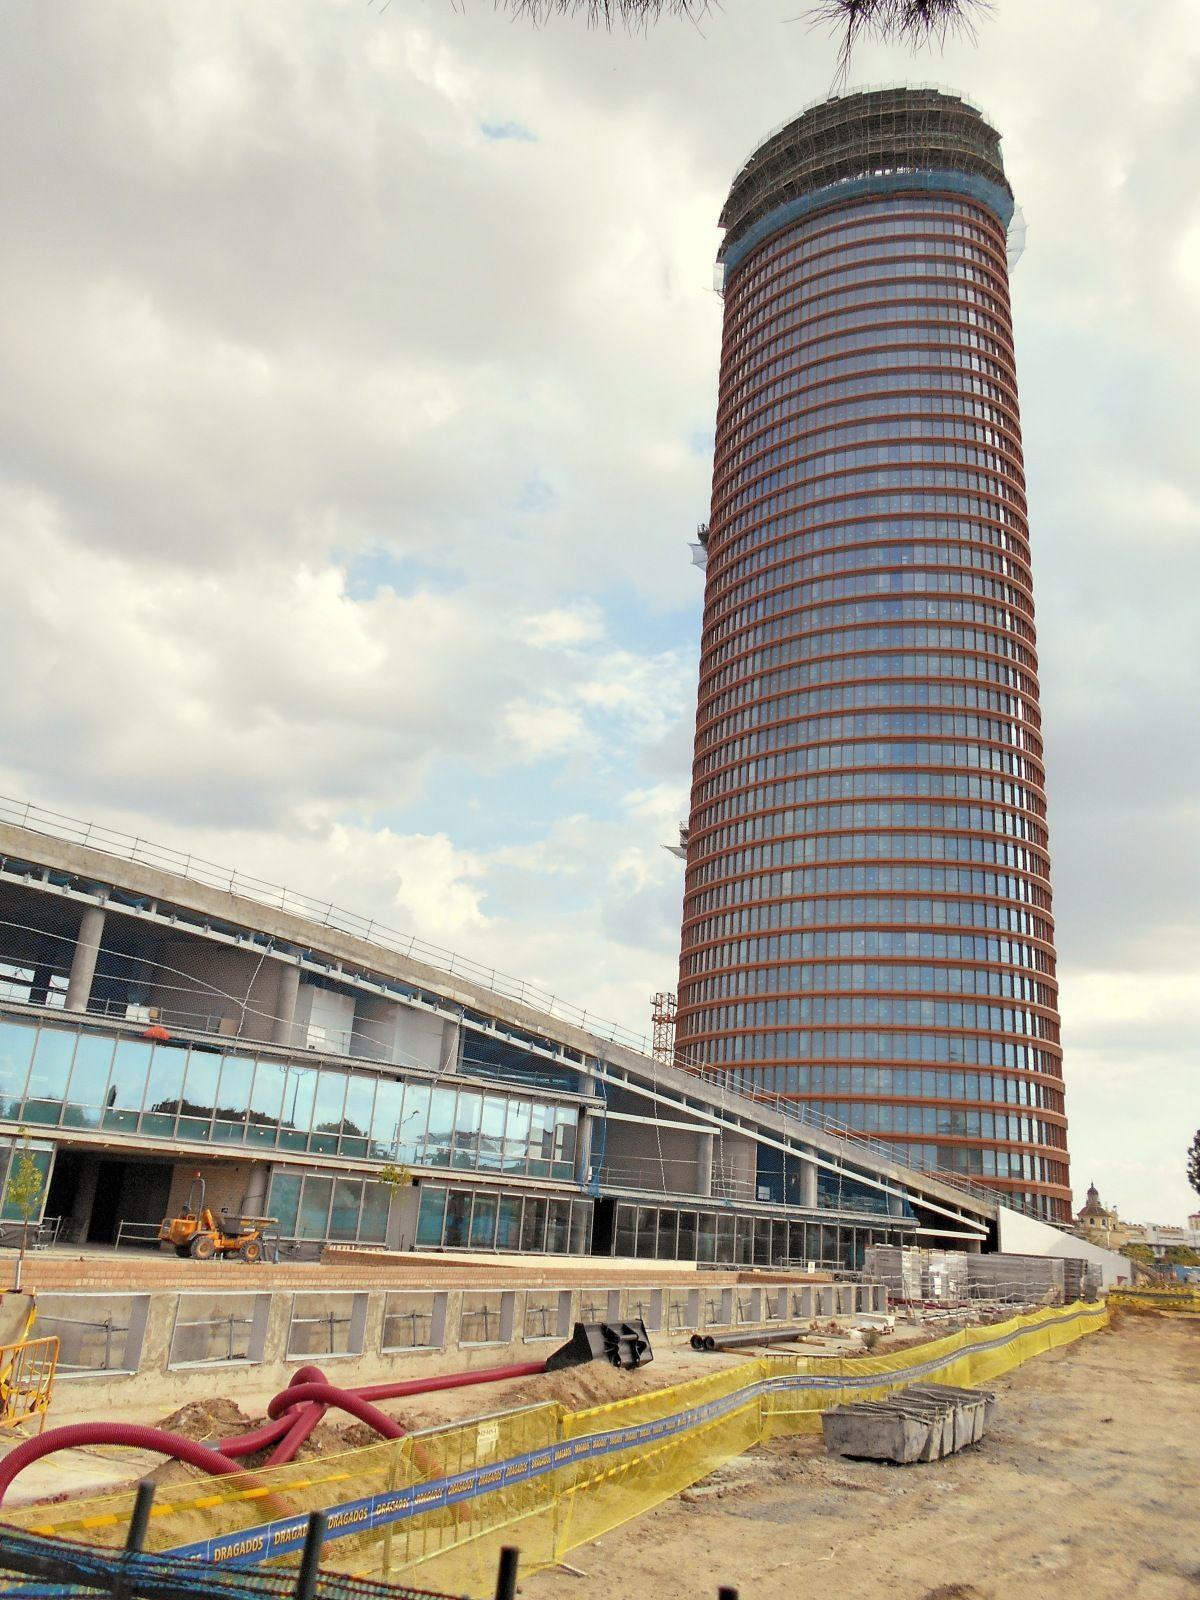 SEVILLA | Torre Cajasol | 180 m | 40 pl | En construcción - Página 308 - SkyscraperCity